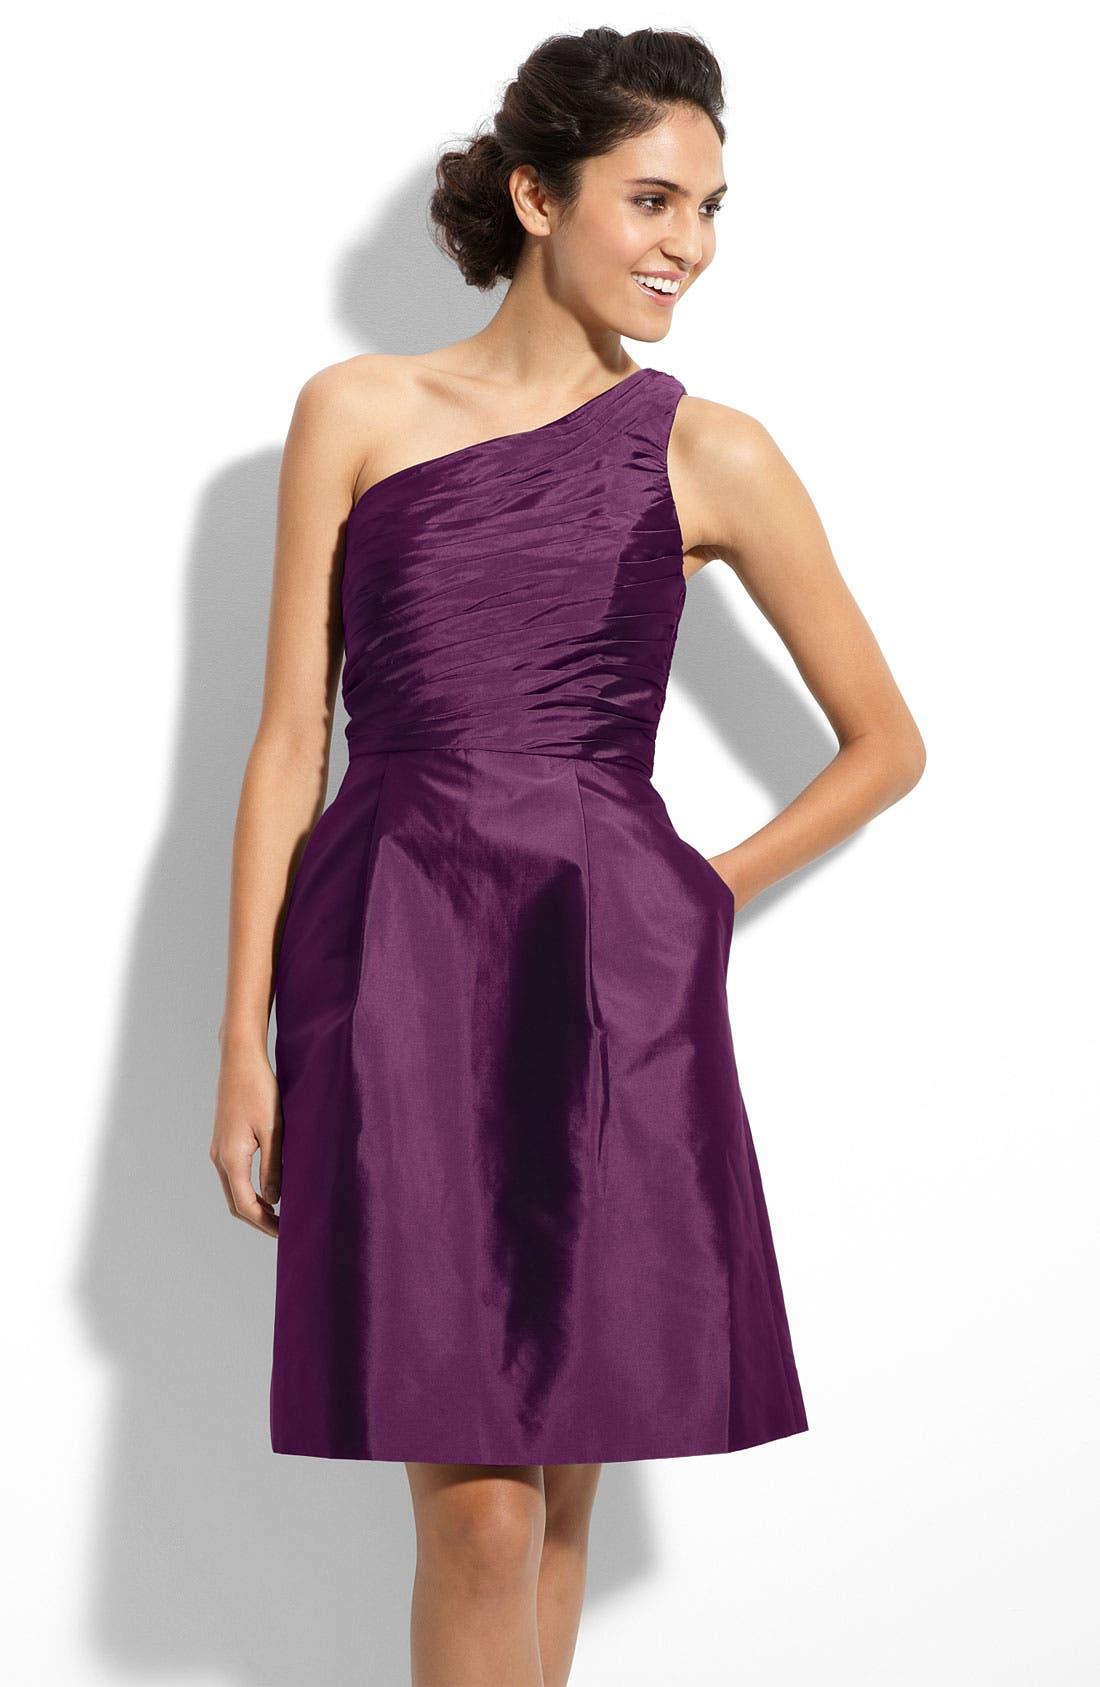 Main Image - ML Monique Lhuillier Bridesmaids One Shoulder Taffeta Dress